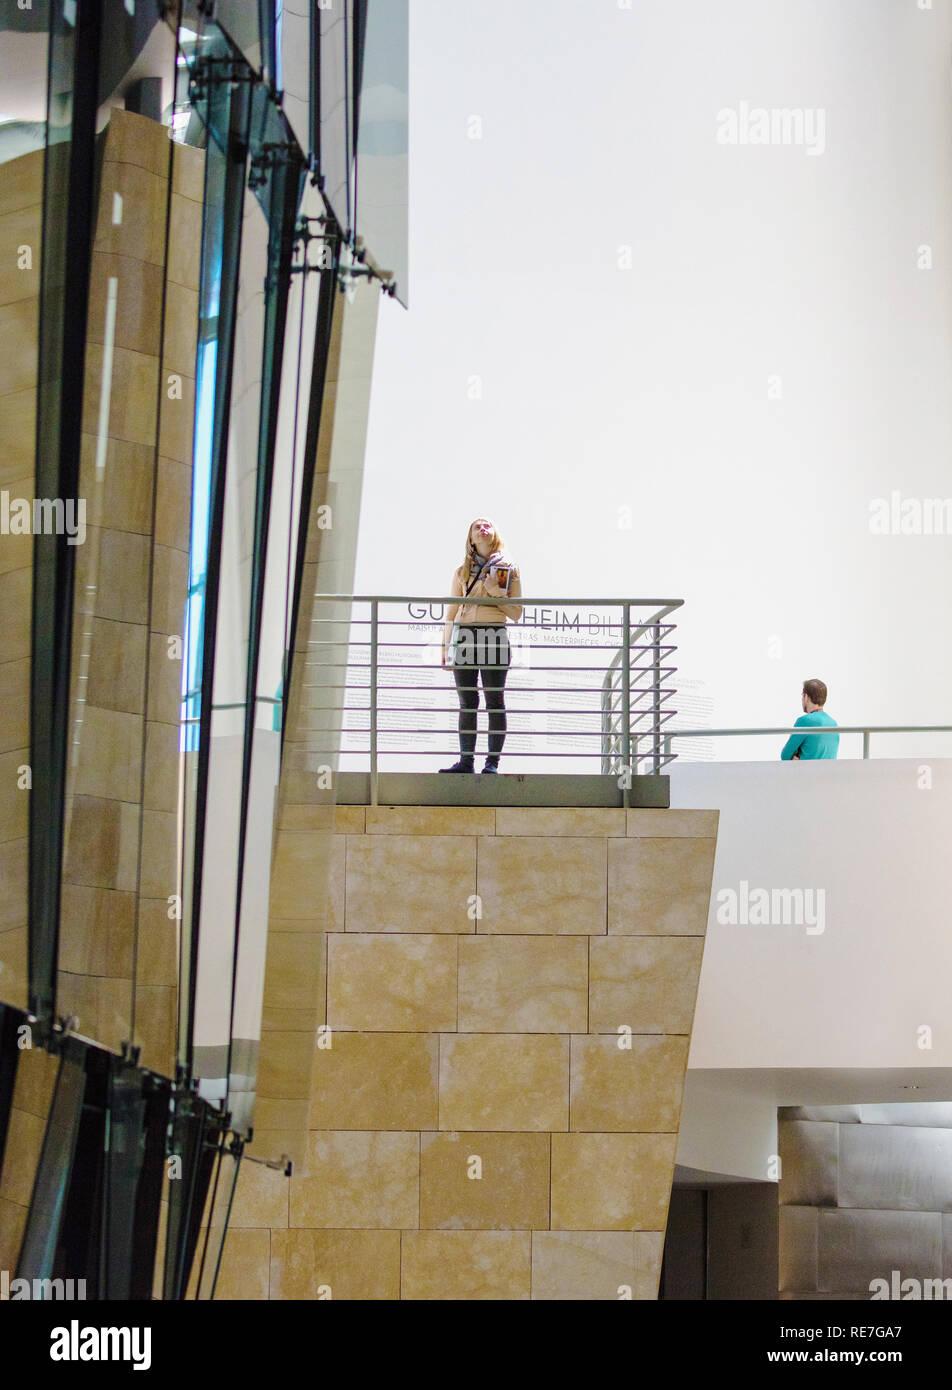 Les visiteurs d'admirer l'intérieur du musée Guggenheim de Bilbao dans le Nord de l'Espagne Art Banque D'Images